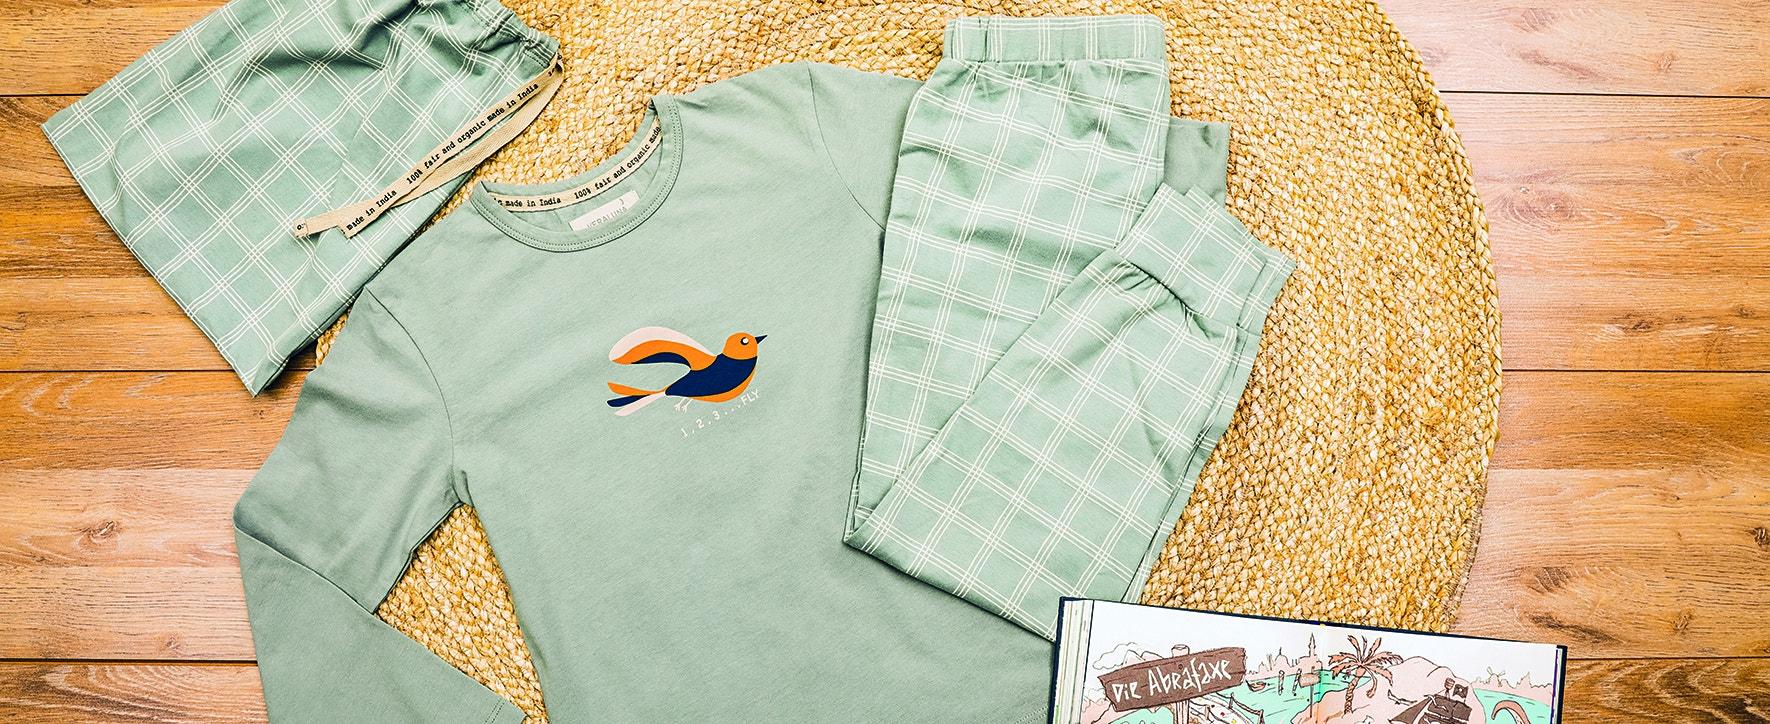 Faire Pyjamas - Foto: GEPA The Fair Trade Company / Caroline Schreer